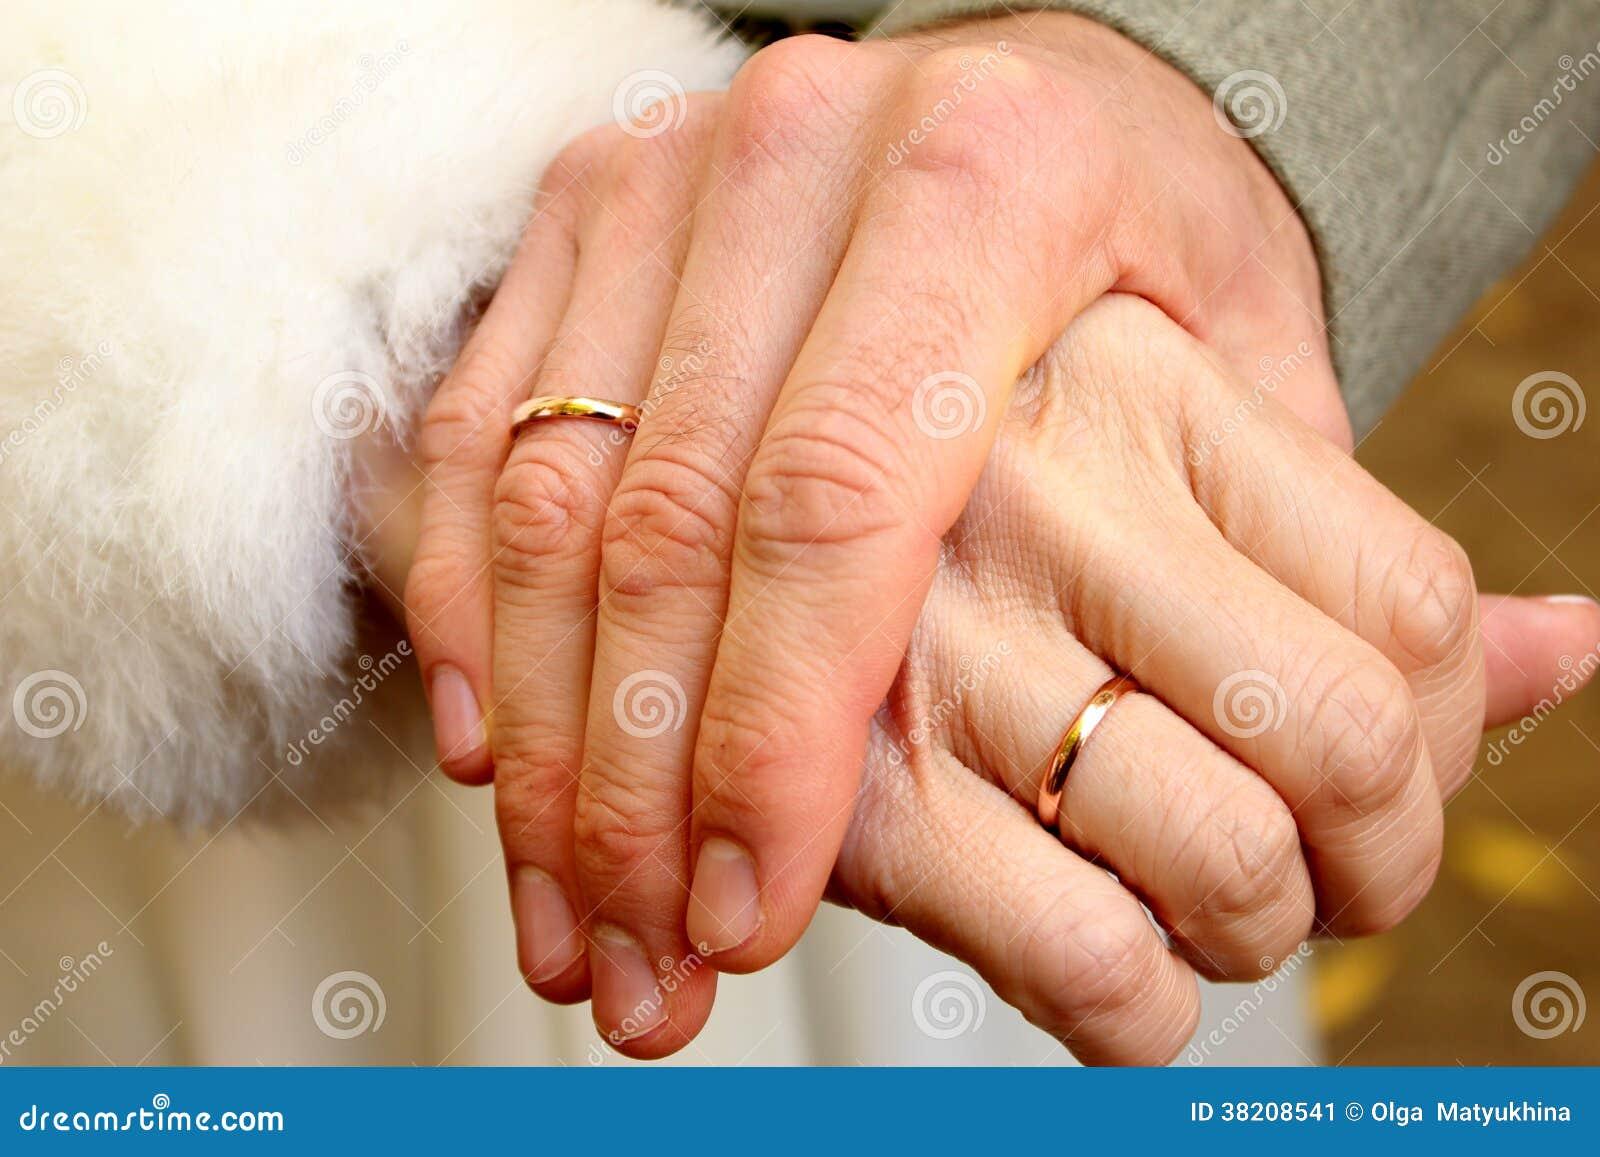 мужская рука с обручальным кольцом